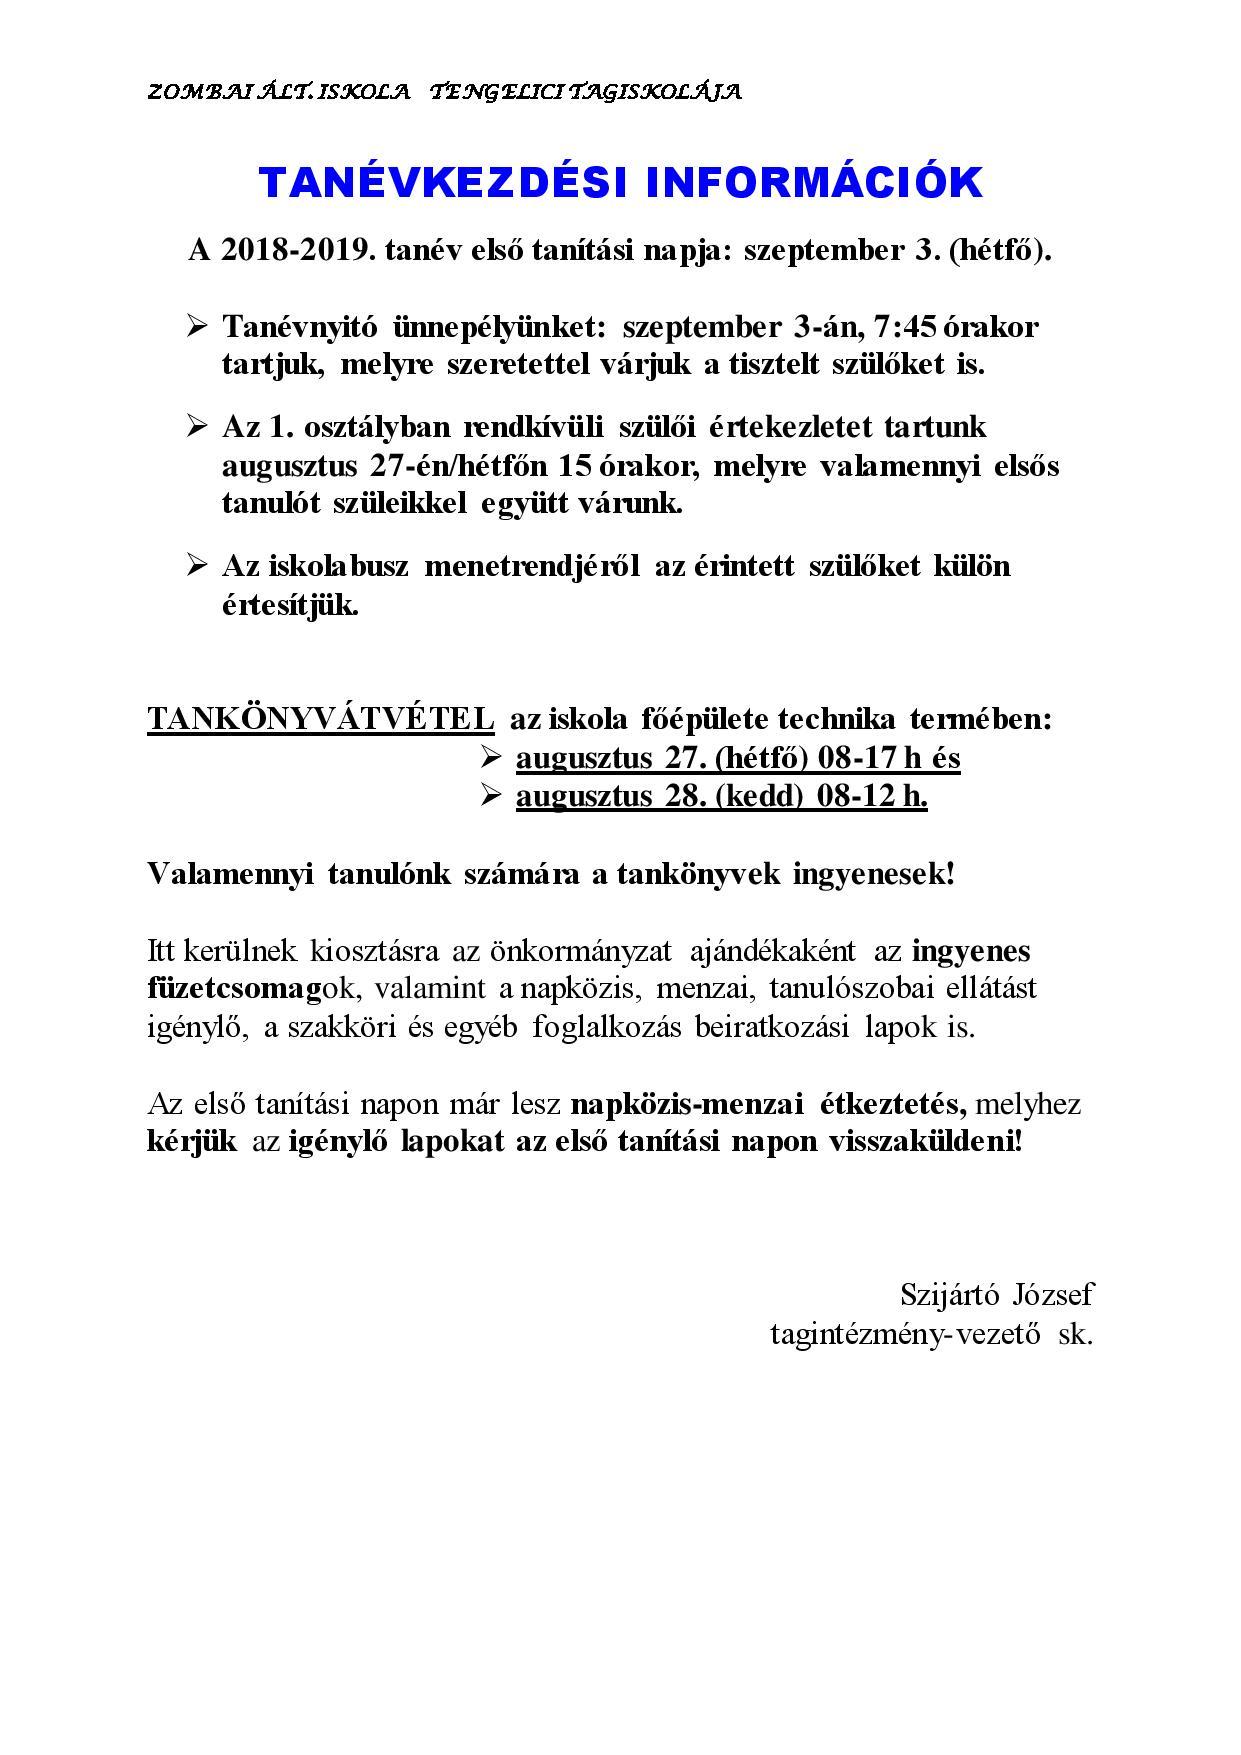 Tanevkezdes_szuloi-taj